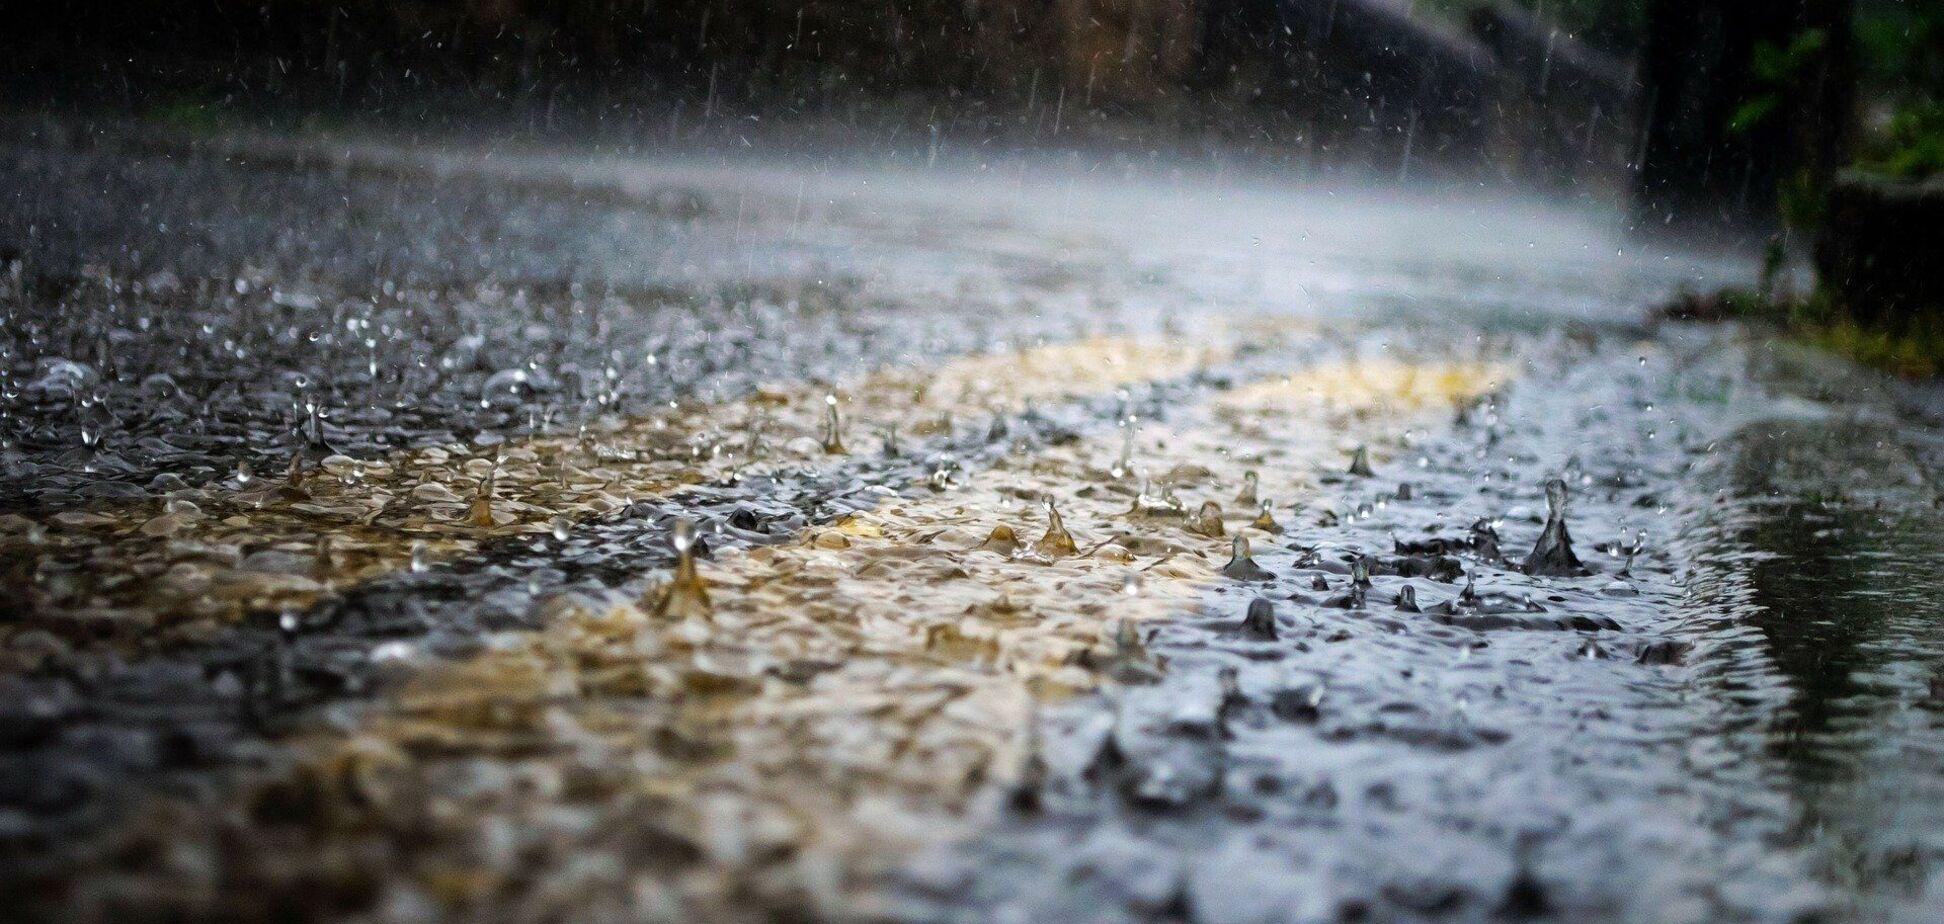 Дощ на дорозі